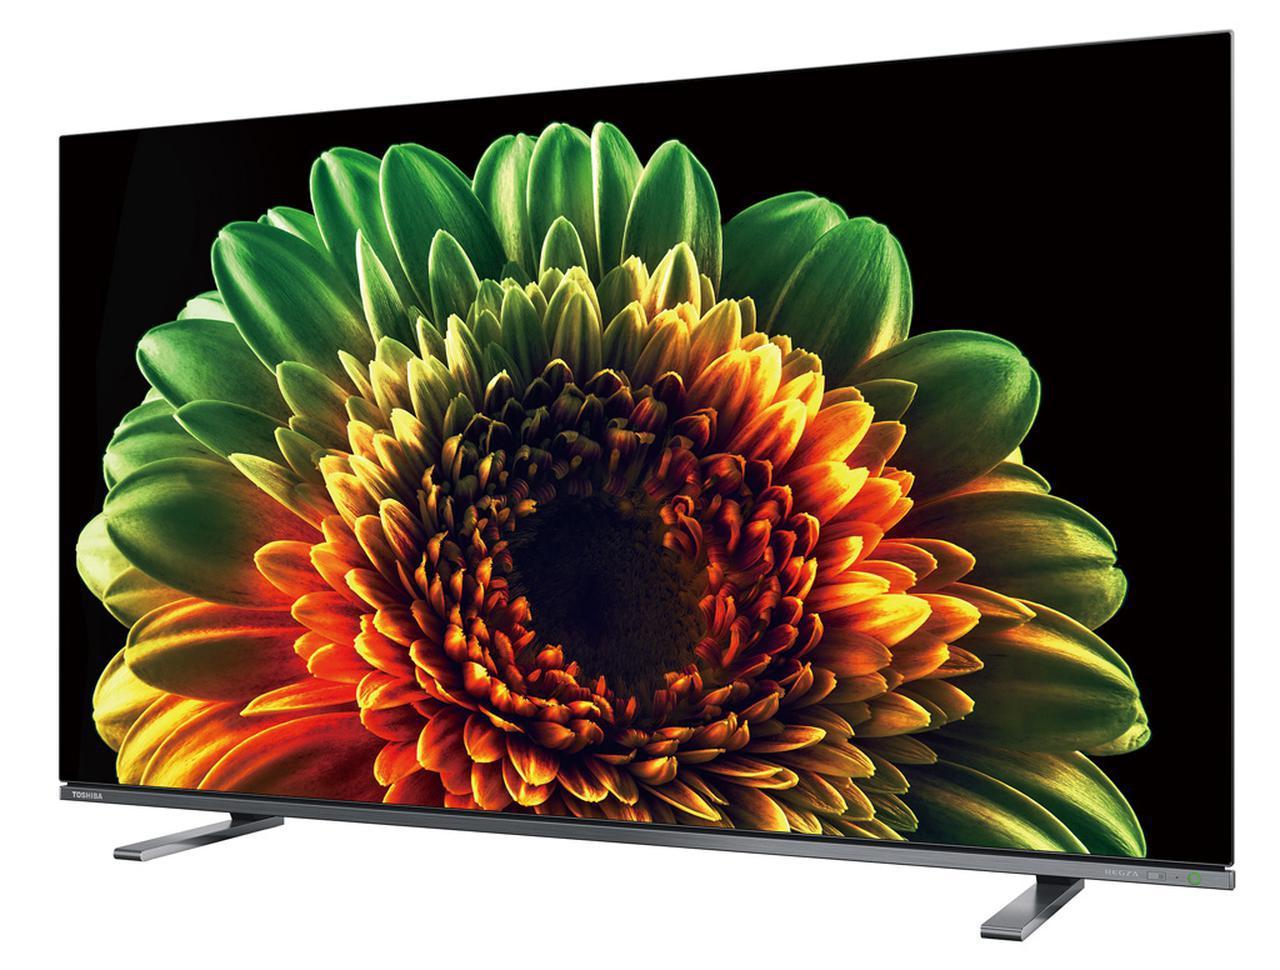 画像8: メーカー別最新4K/8Kテレビラインナップ⑤『東芝 レグザ』クラウドを通じて最適画質に自動調整。テレビ史上に残る画期的提案を実現